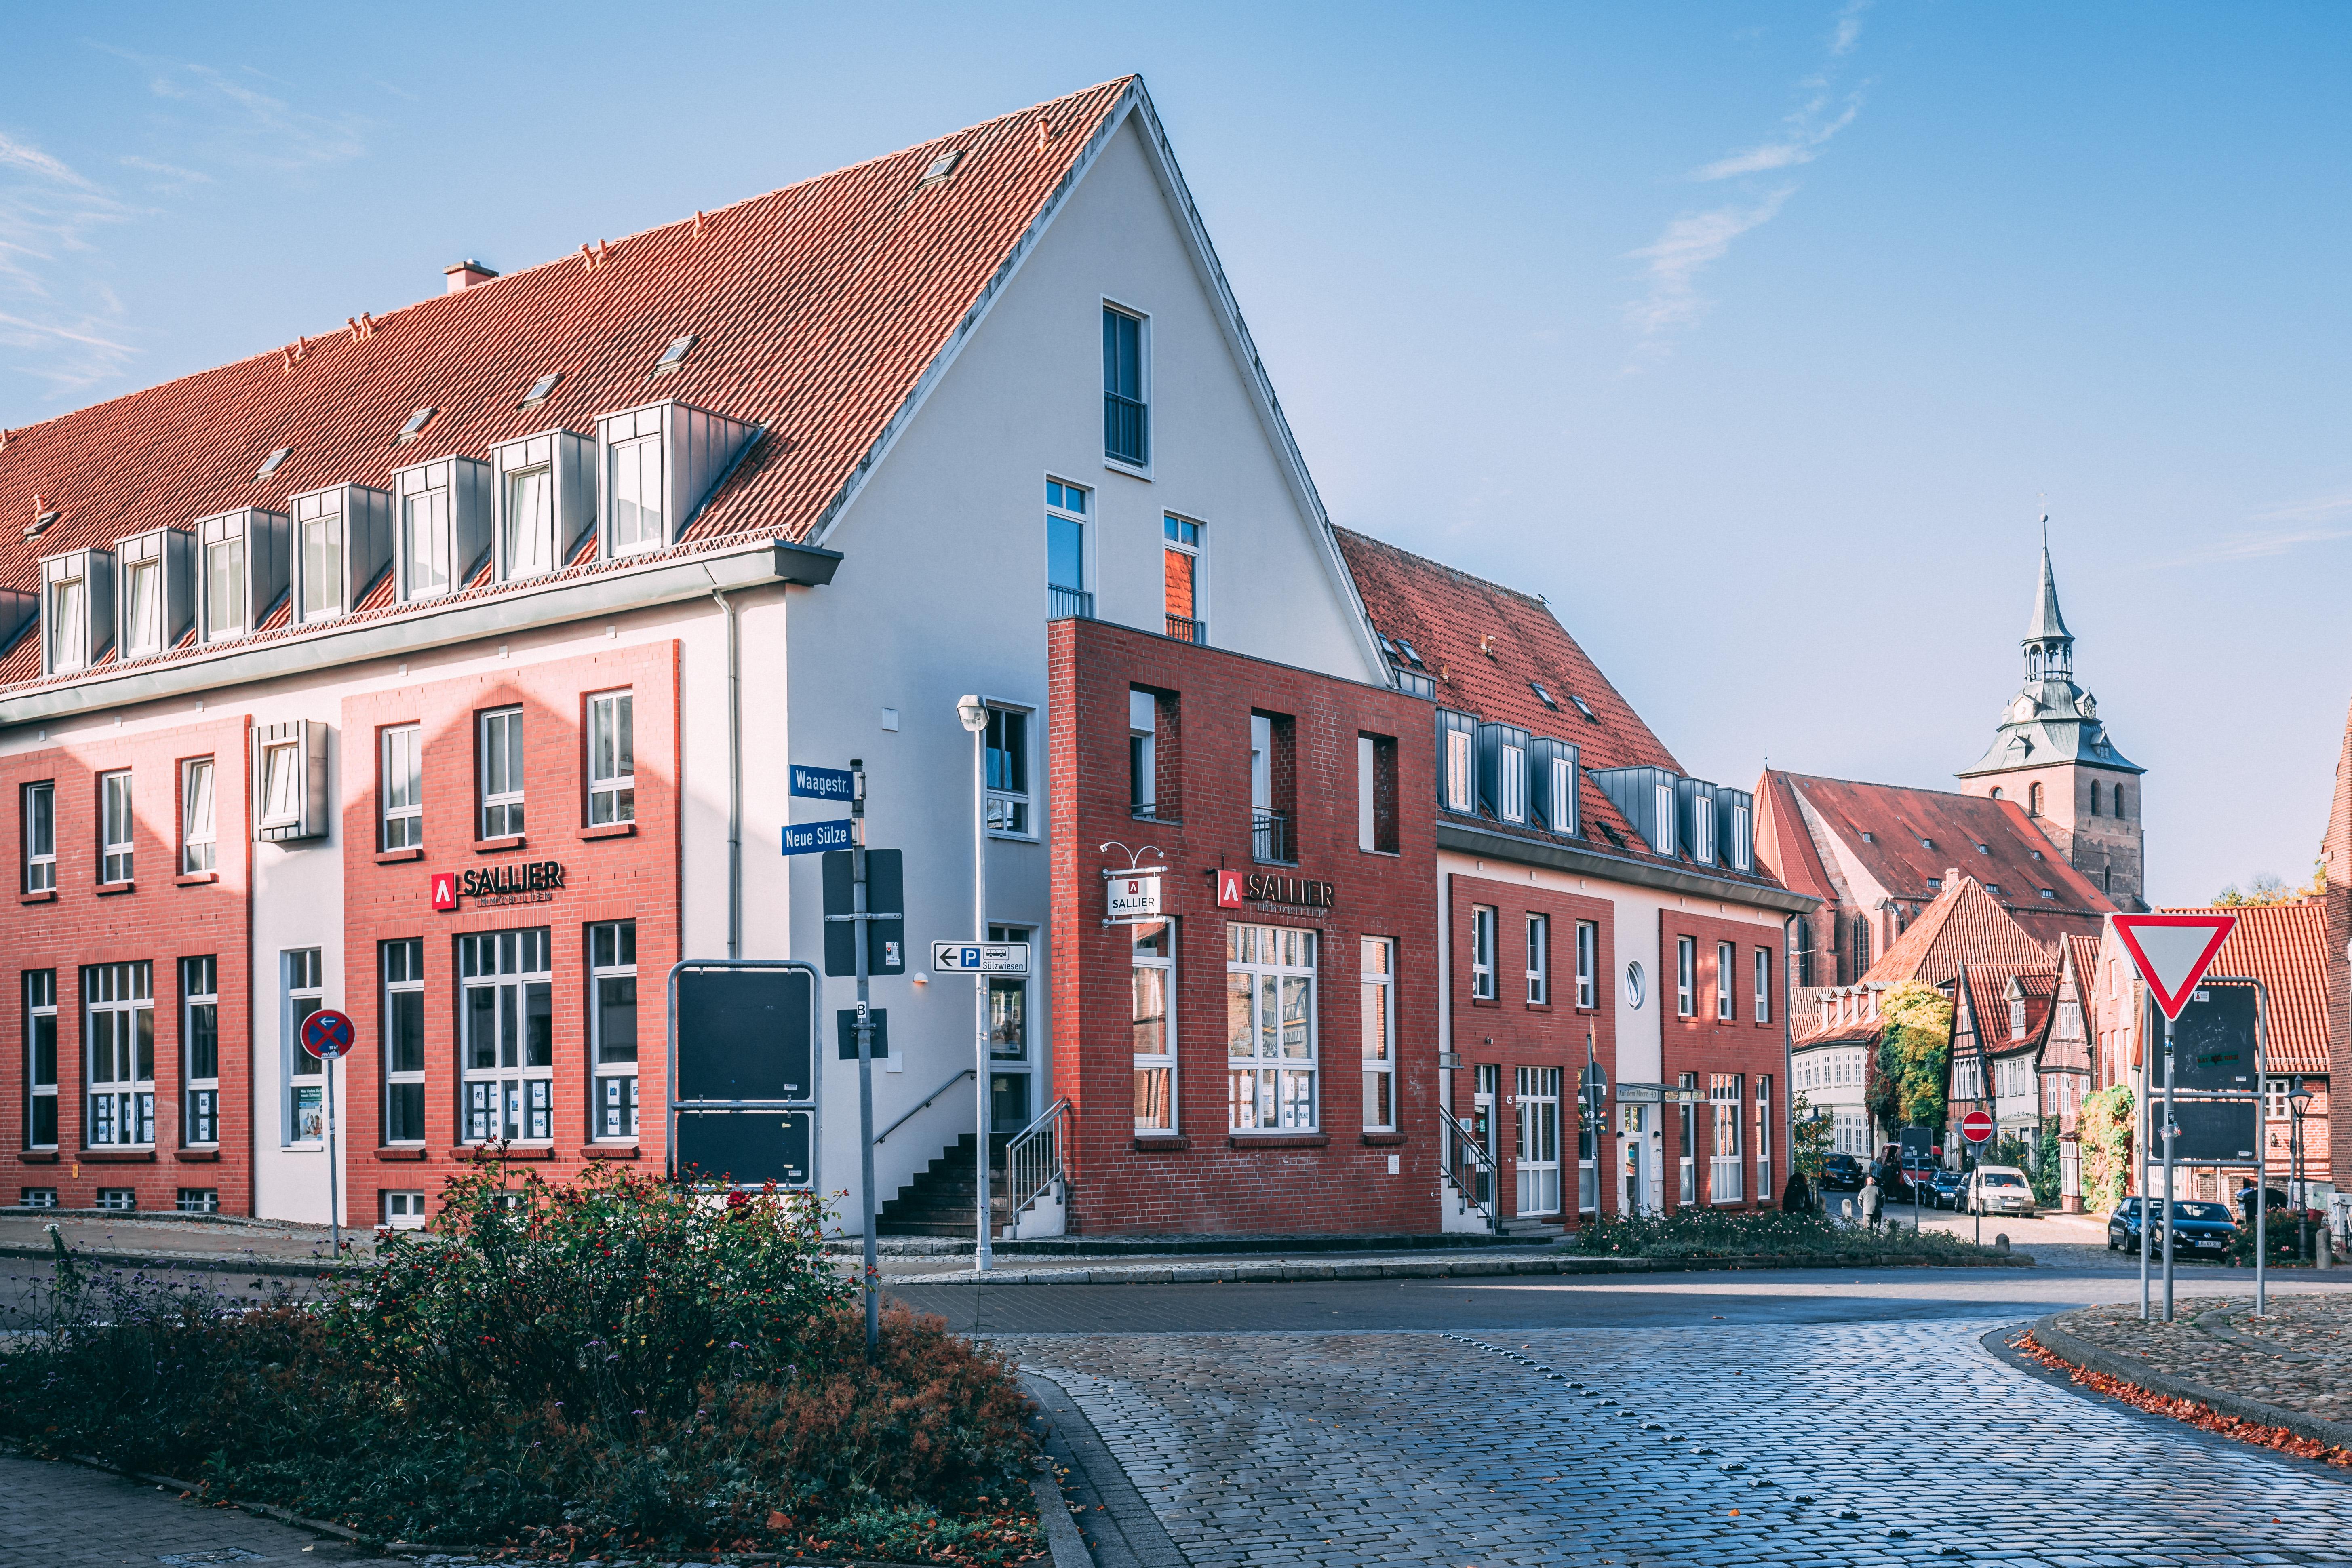 SALLIER Immobillien - Immobillienmakler für Lüneburg und Umgebung